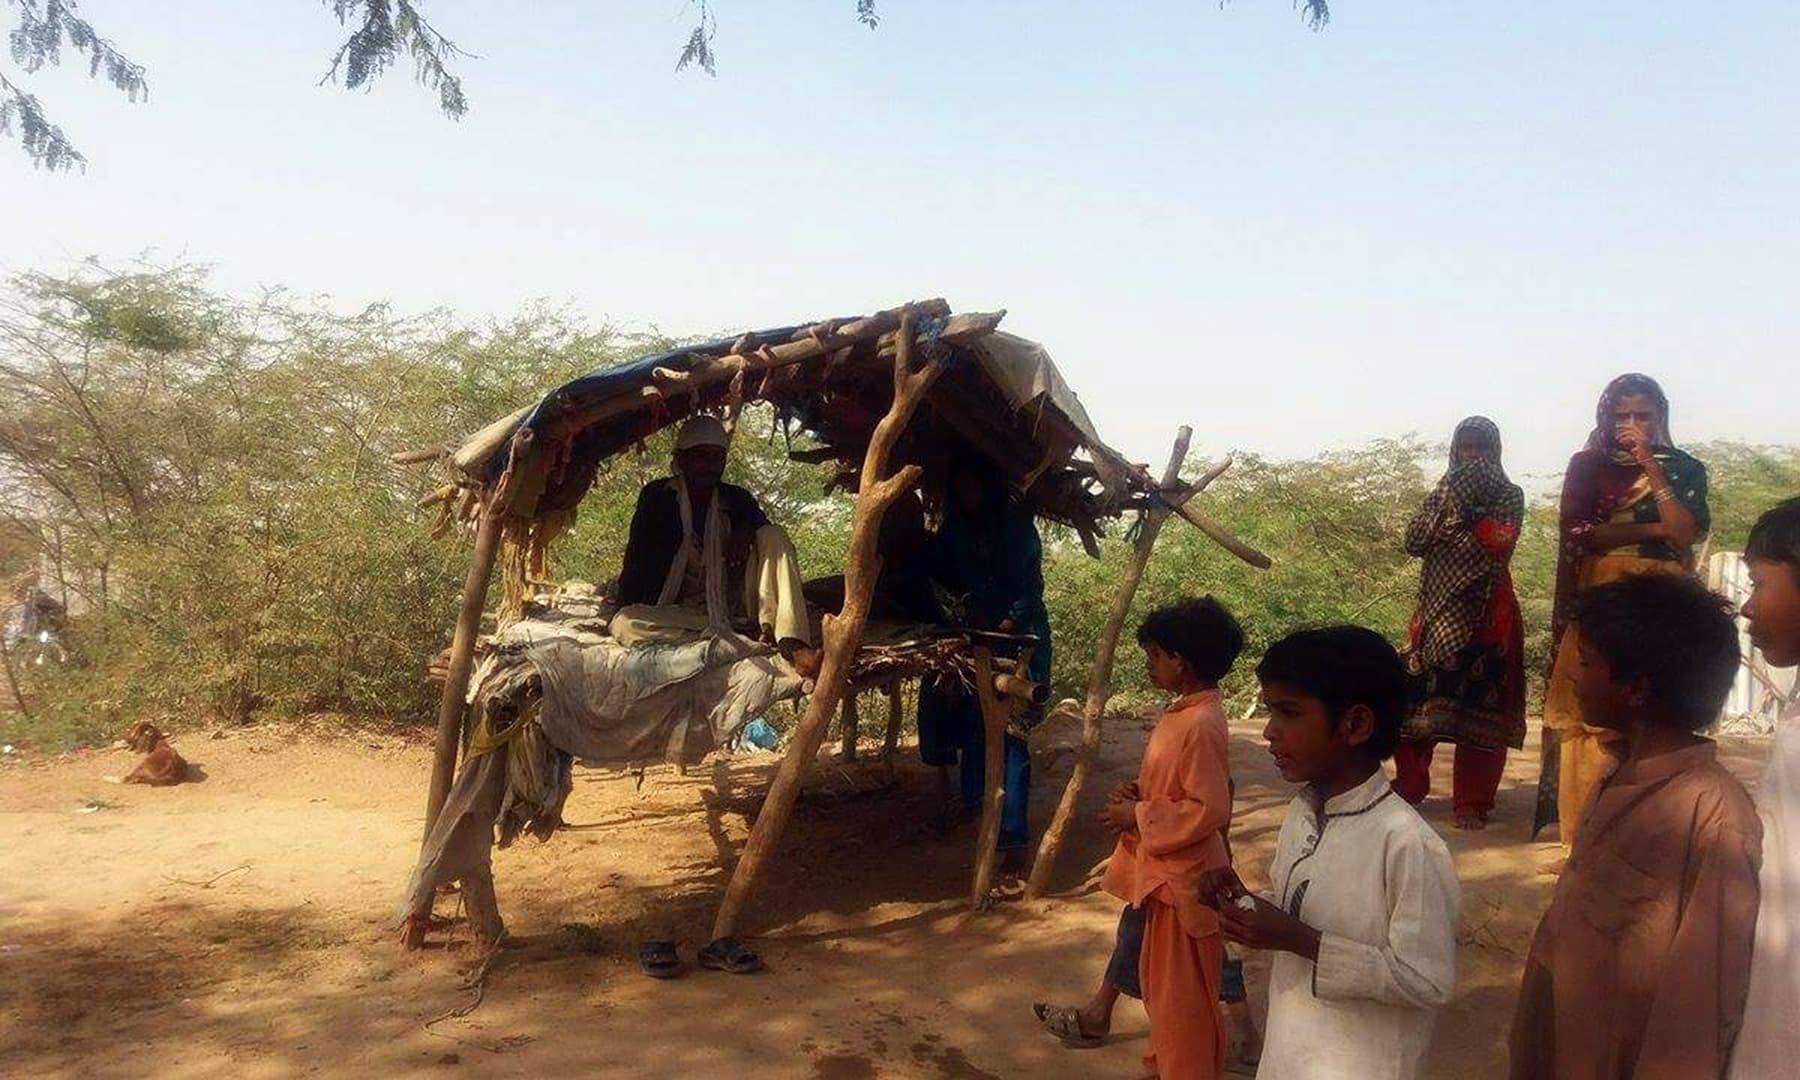 اس گاؤں کے باسیوں میں زہریلے گٹکا کھانے کی عادت ہے، جو مرد عورتوں اور بچوں میں یکساں طور پر پھیل رہی ہے۔